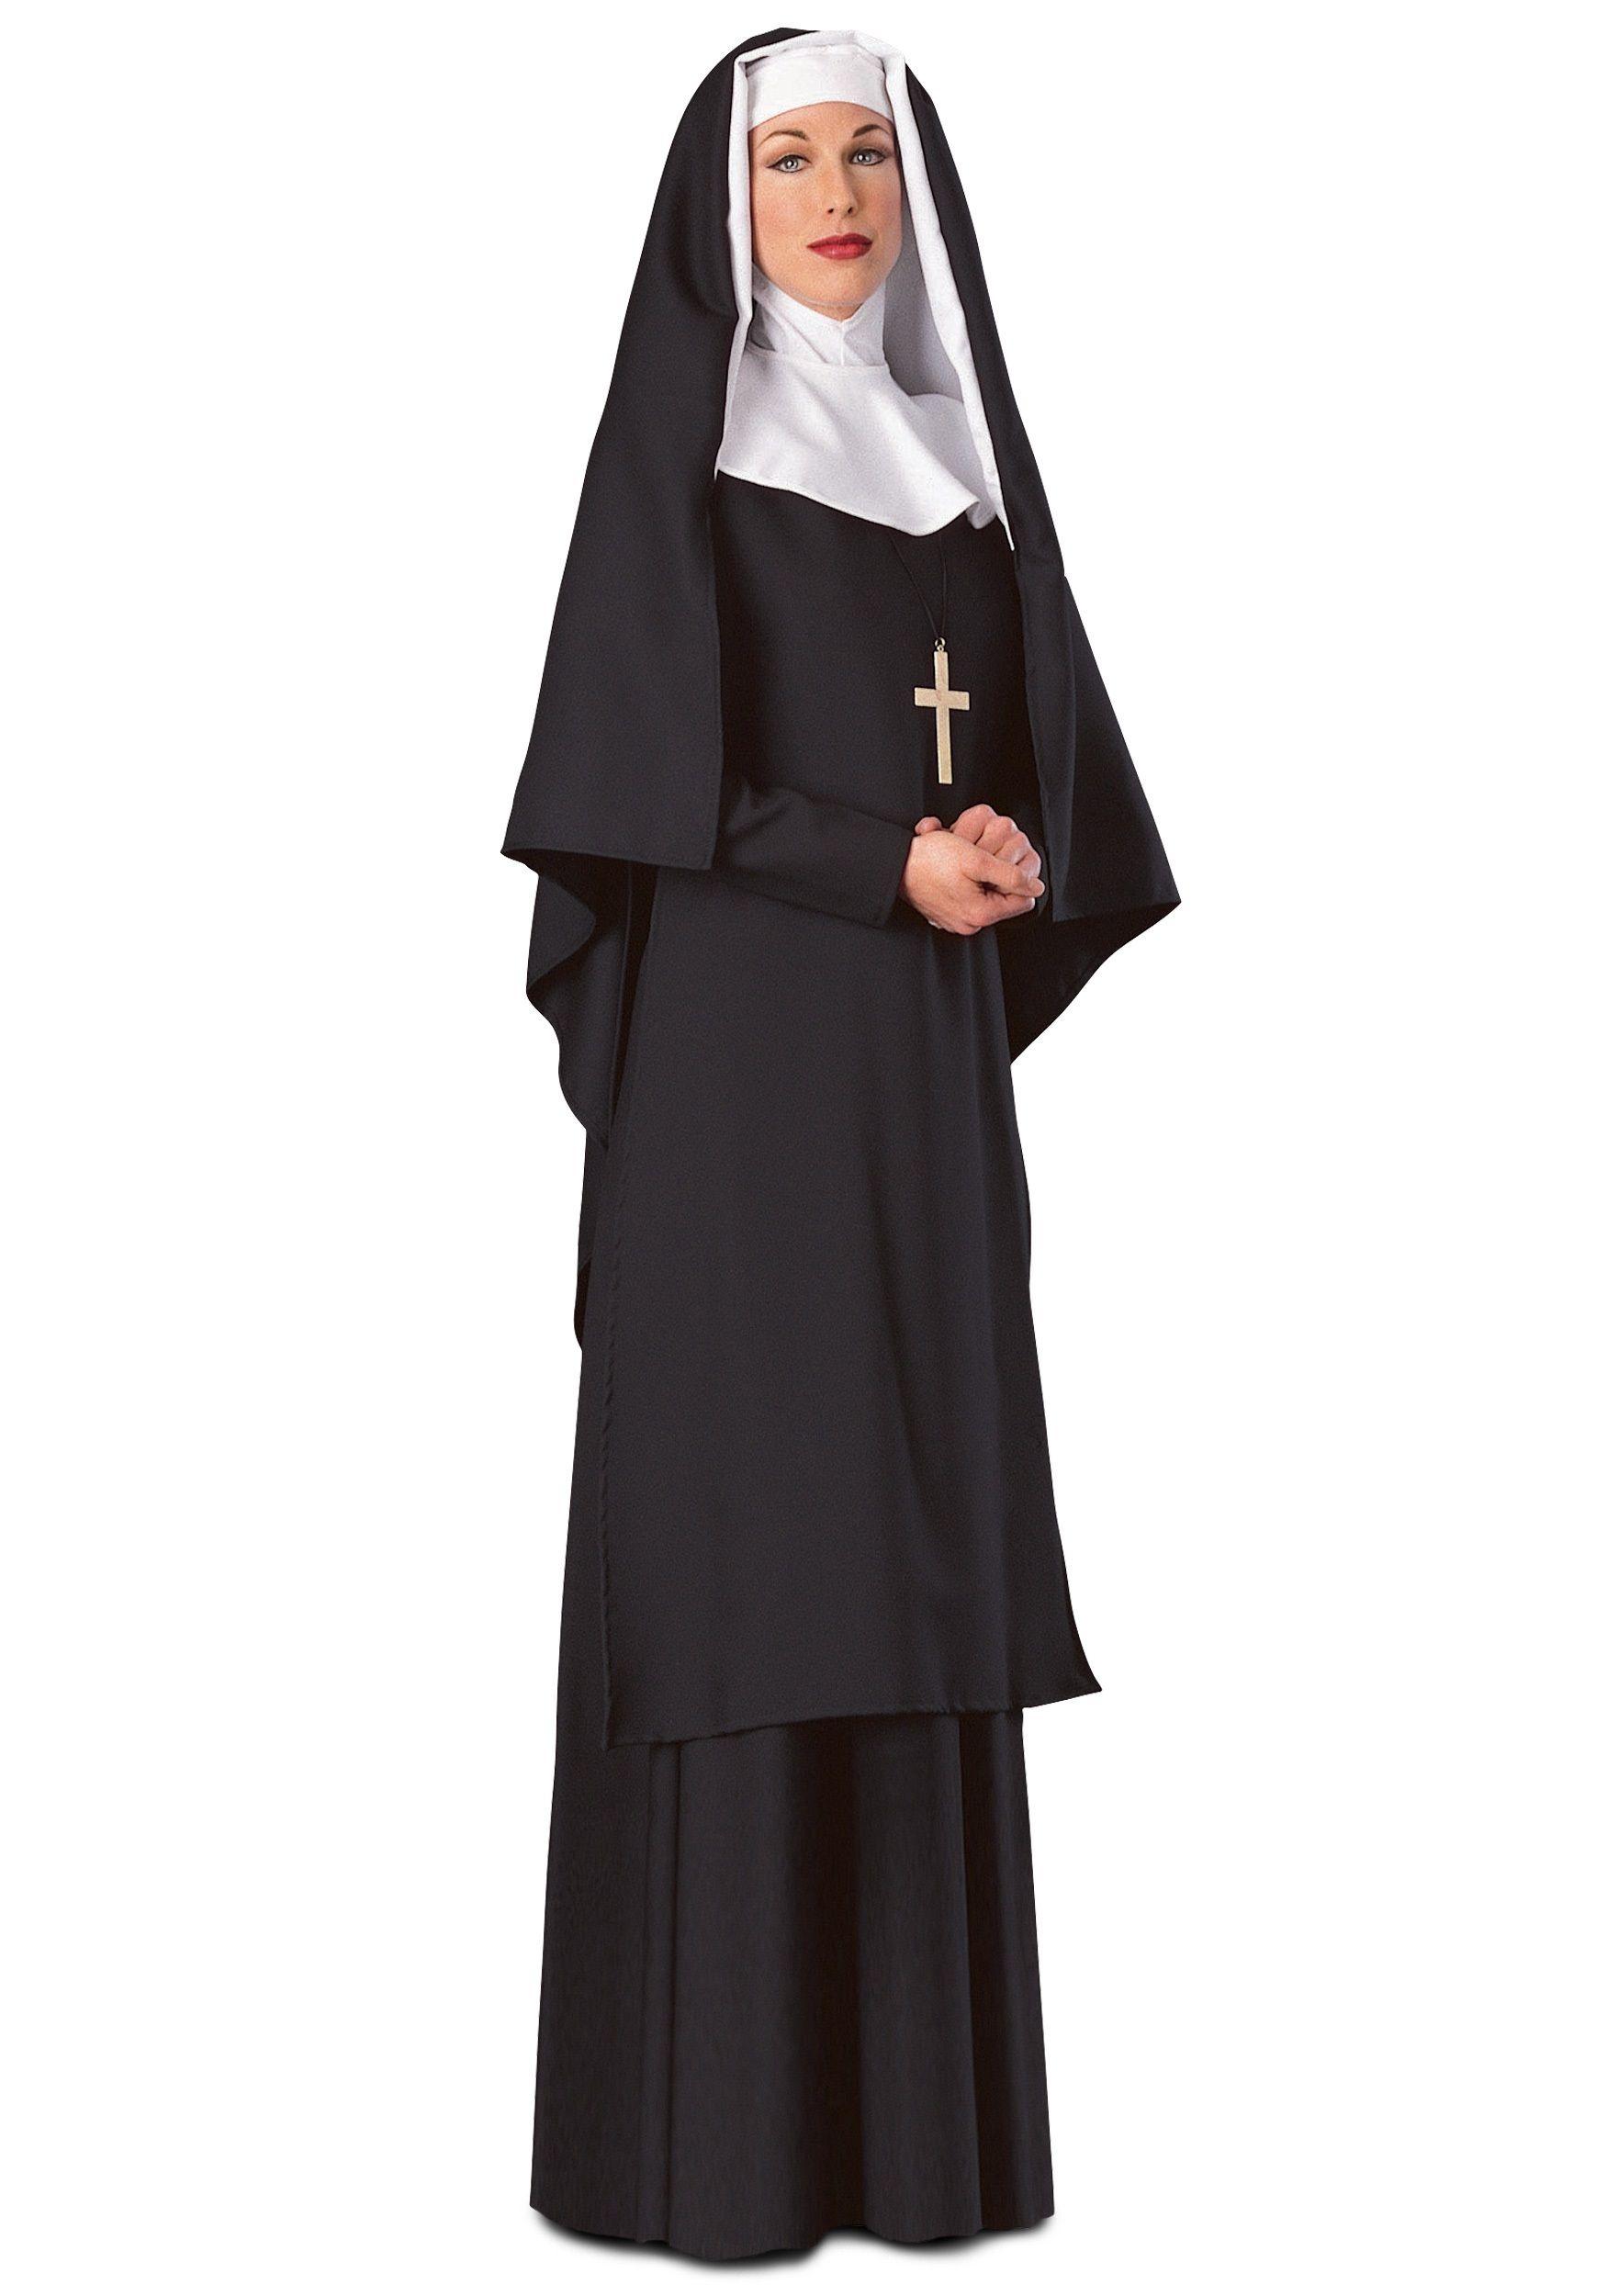 7e3e4bf7077 Replica Nun Costume